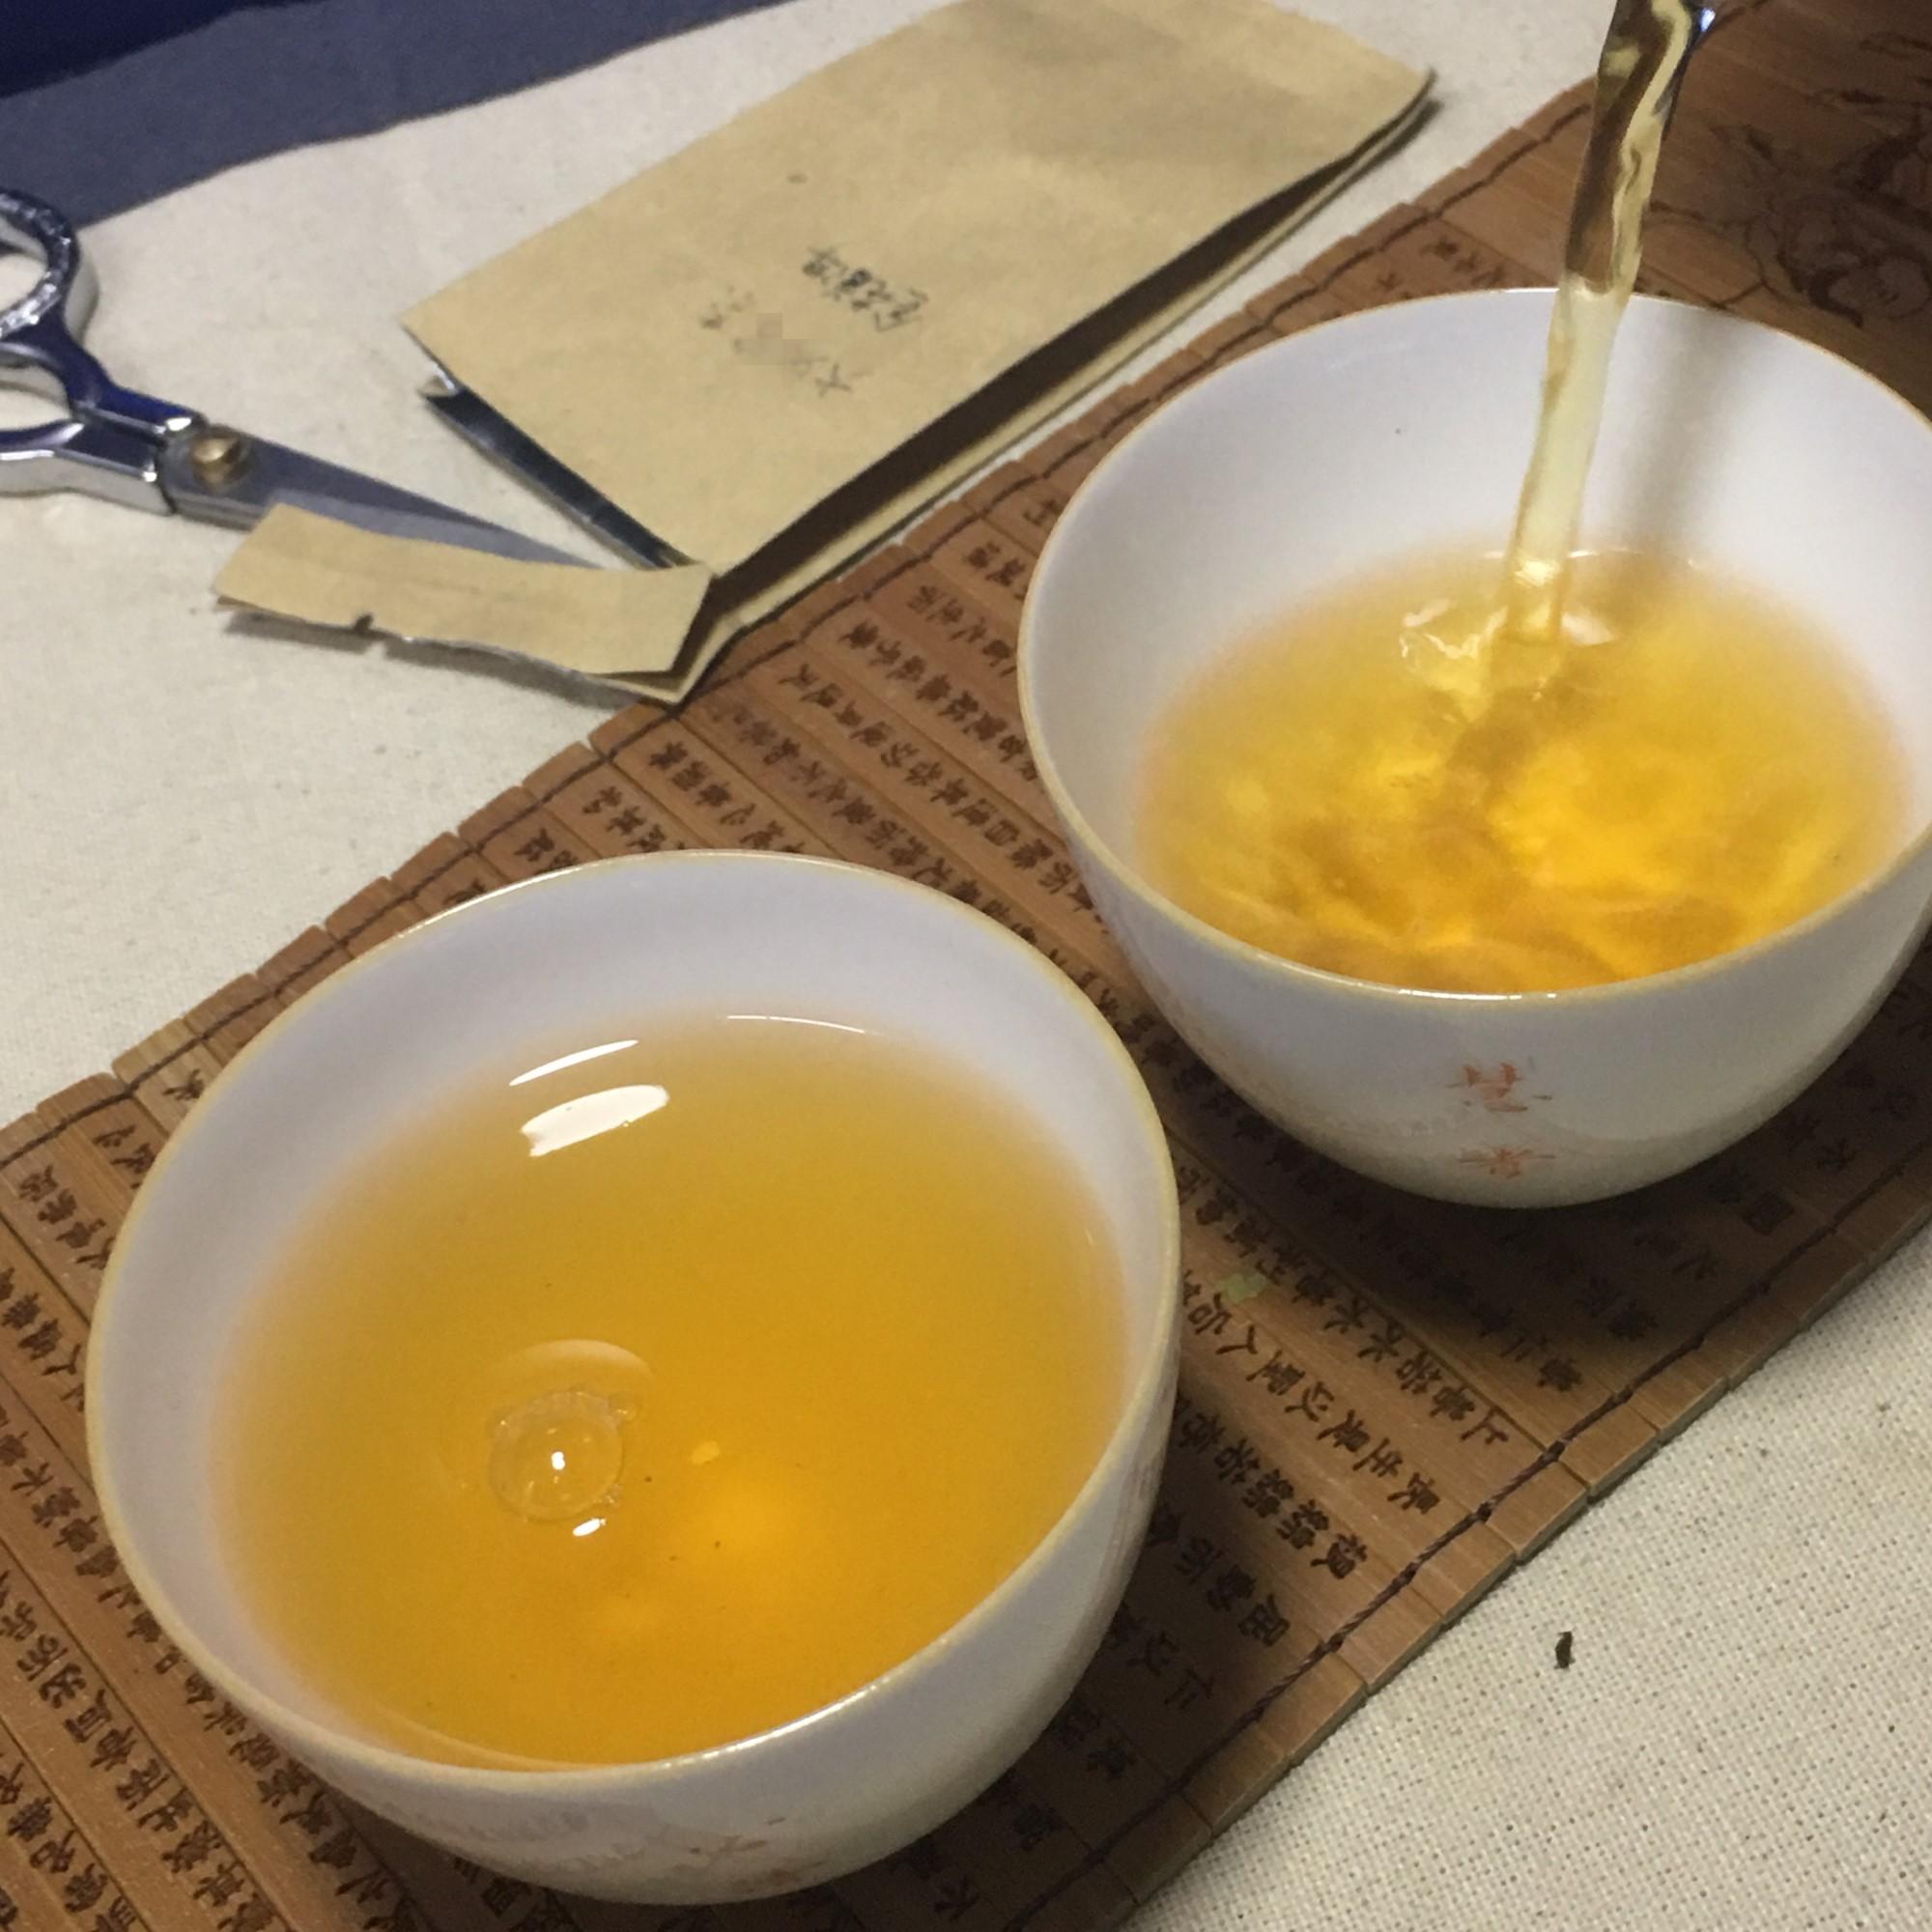 【晒茶记】说好的金花呢?